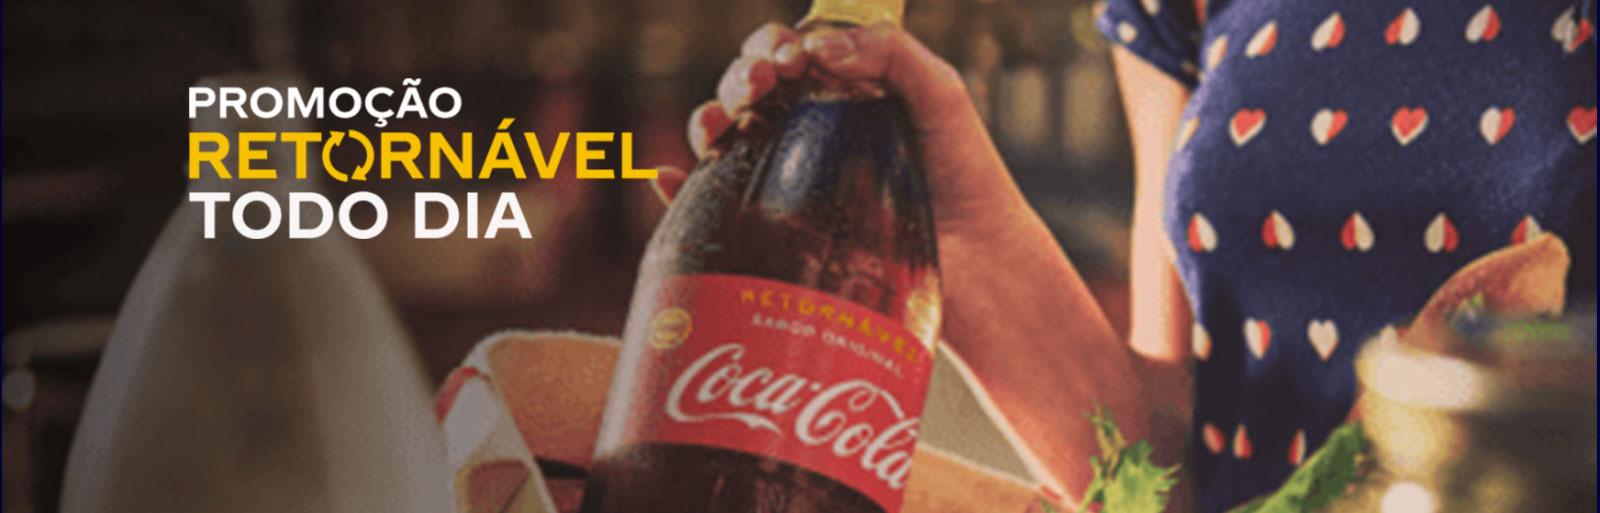 Promoção Coca-Cola Retornável Todo Dia